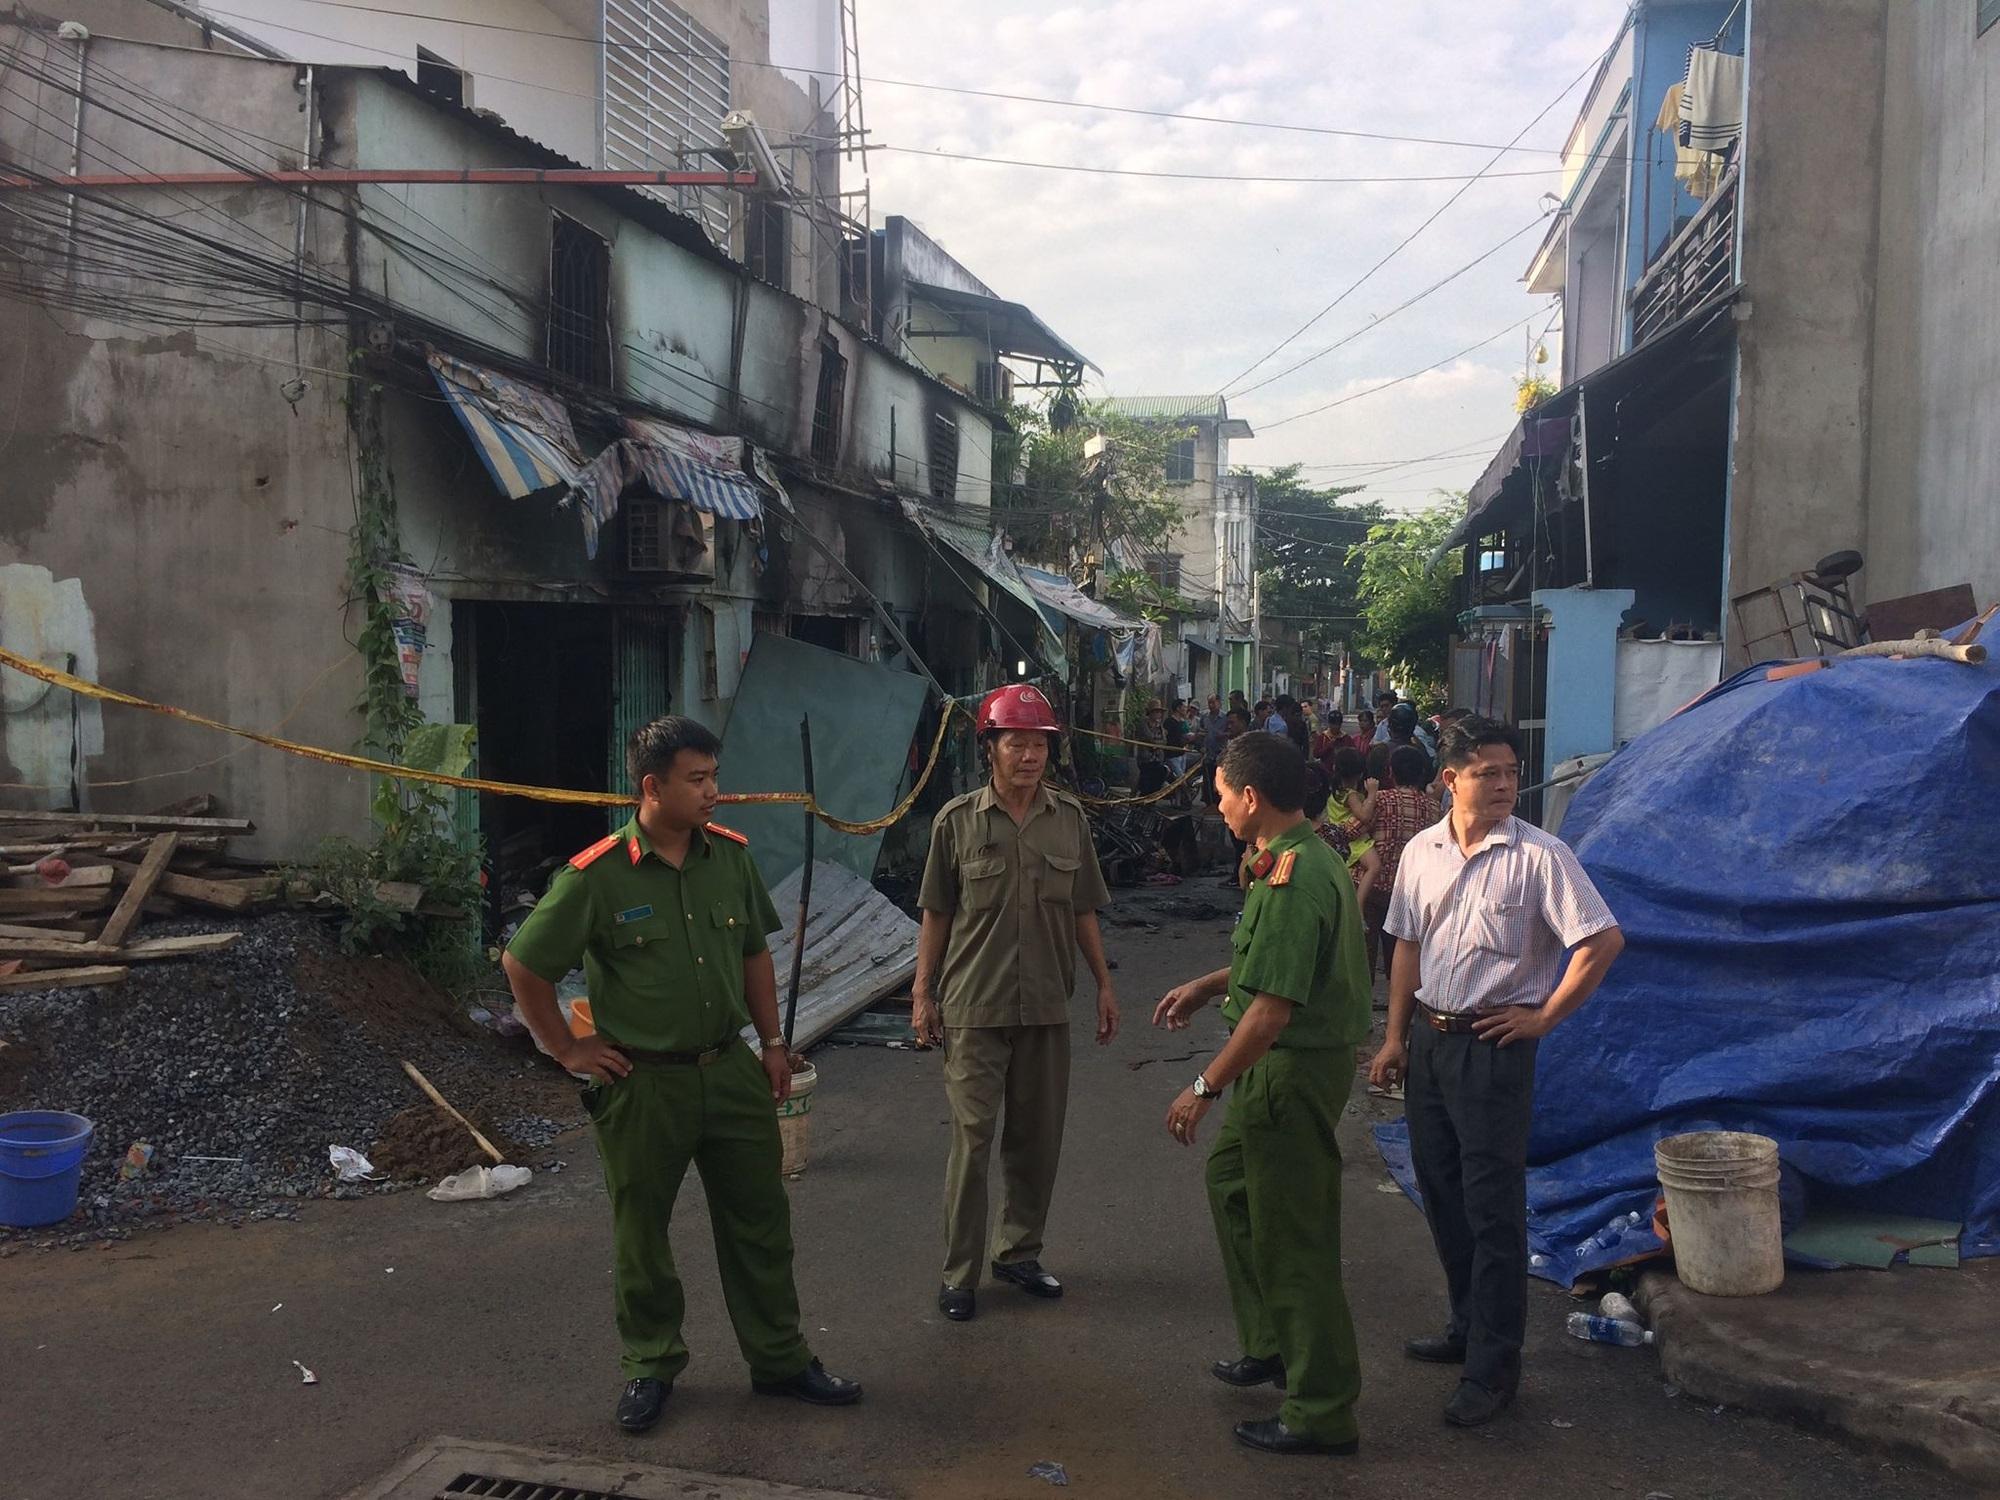 Vụ hỏa hoạn khiến 6 người thương vong tại TP. HCM: Người thân bất lực nhìn 2 bà cháu kêu cứu rồi chết cháy trong nhà - Ảnh 6